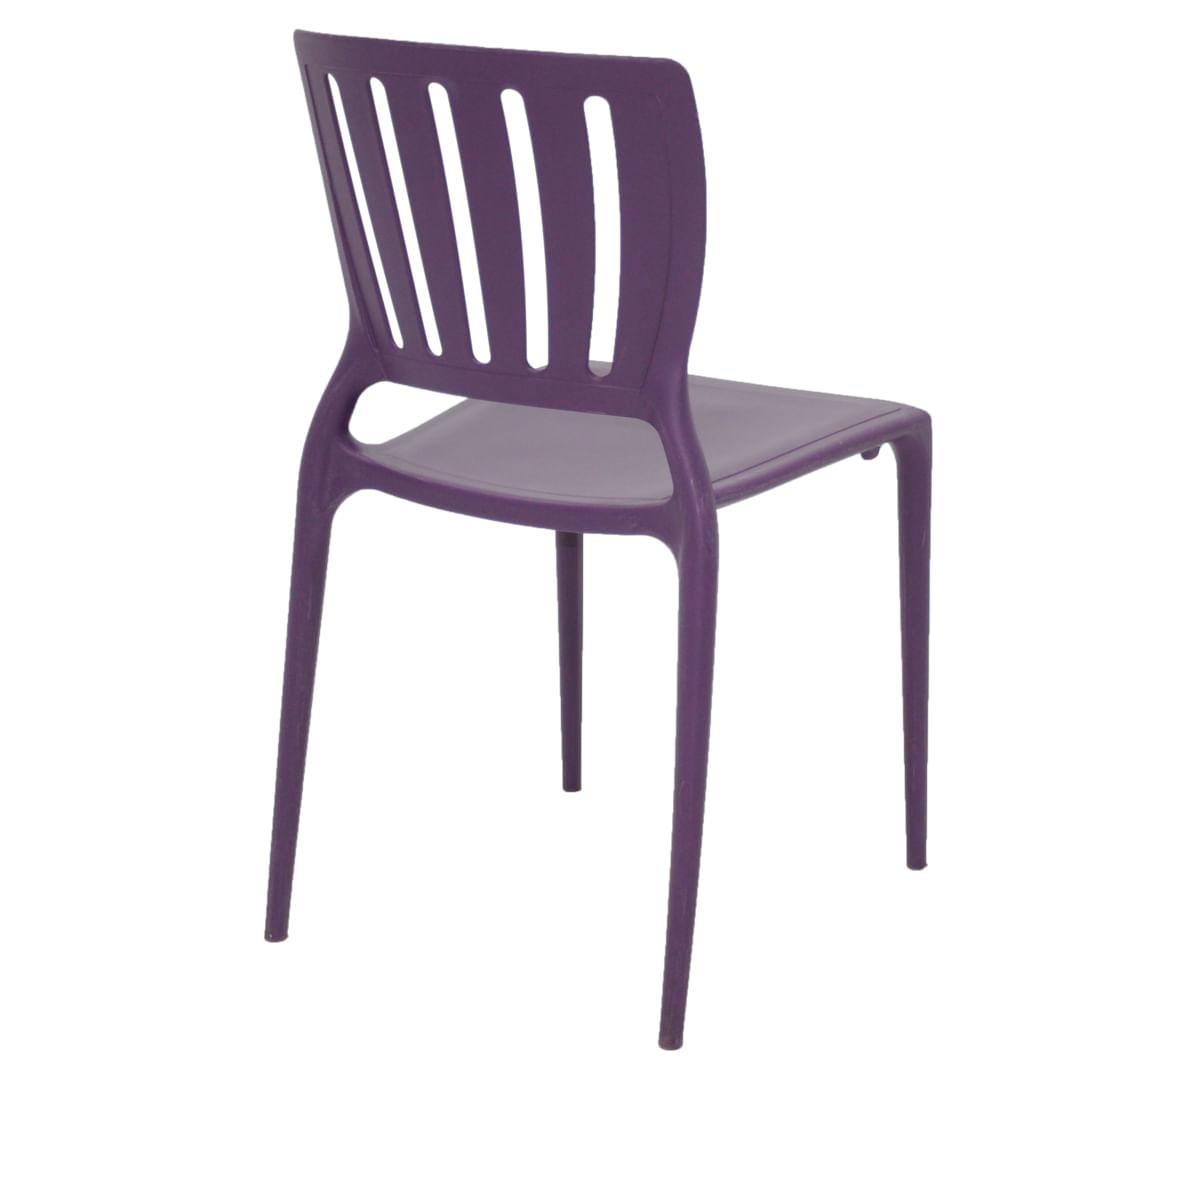 Cadeira Tramontina Sofia Lilás Encosto Vazado Vertical em Polipropileno e Fibra de Vidro